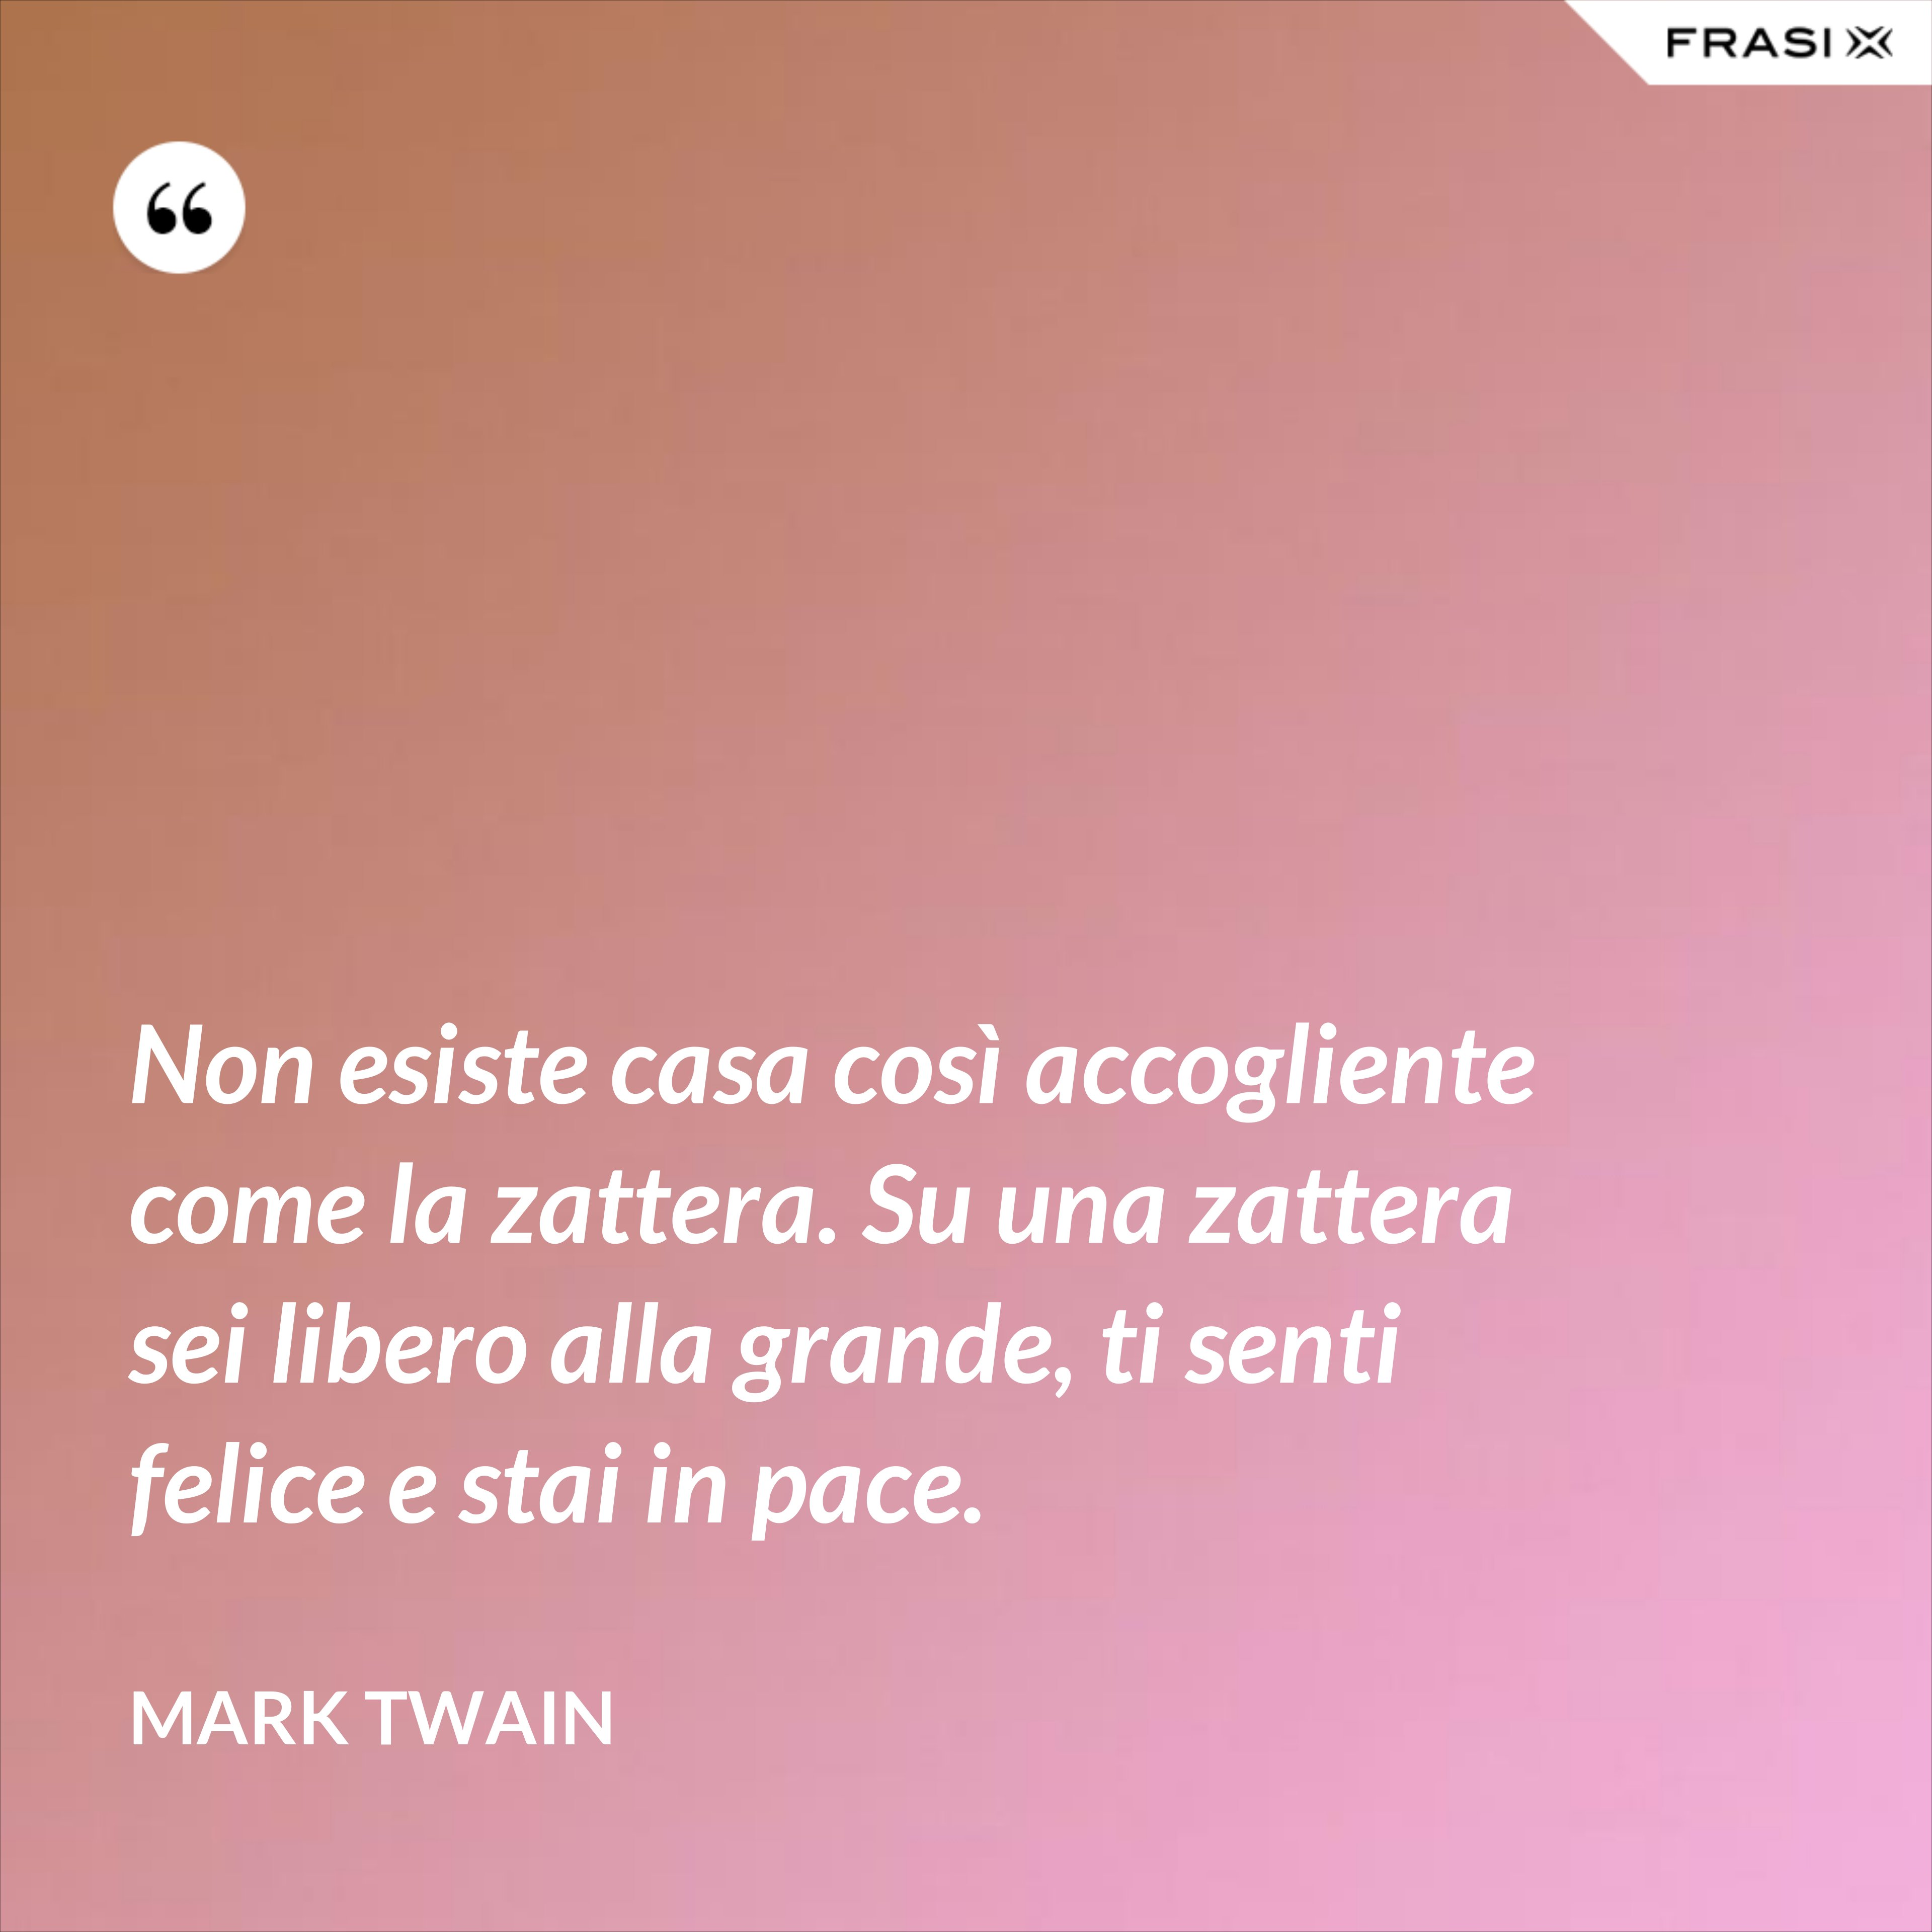 Non esiste casa così accogliente come la zattera. Su una zattera sei libero alla grande, ti senti felice e stai in pace. - Mark Twain